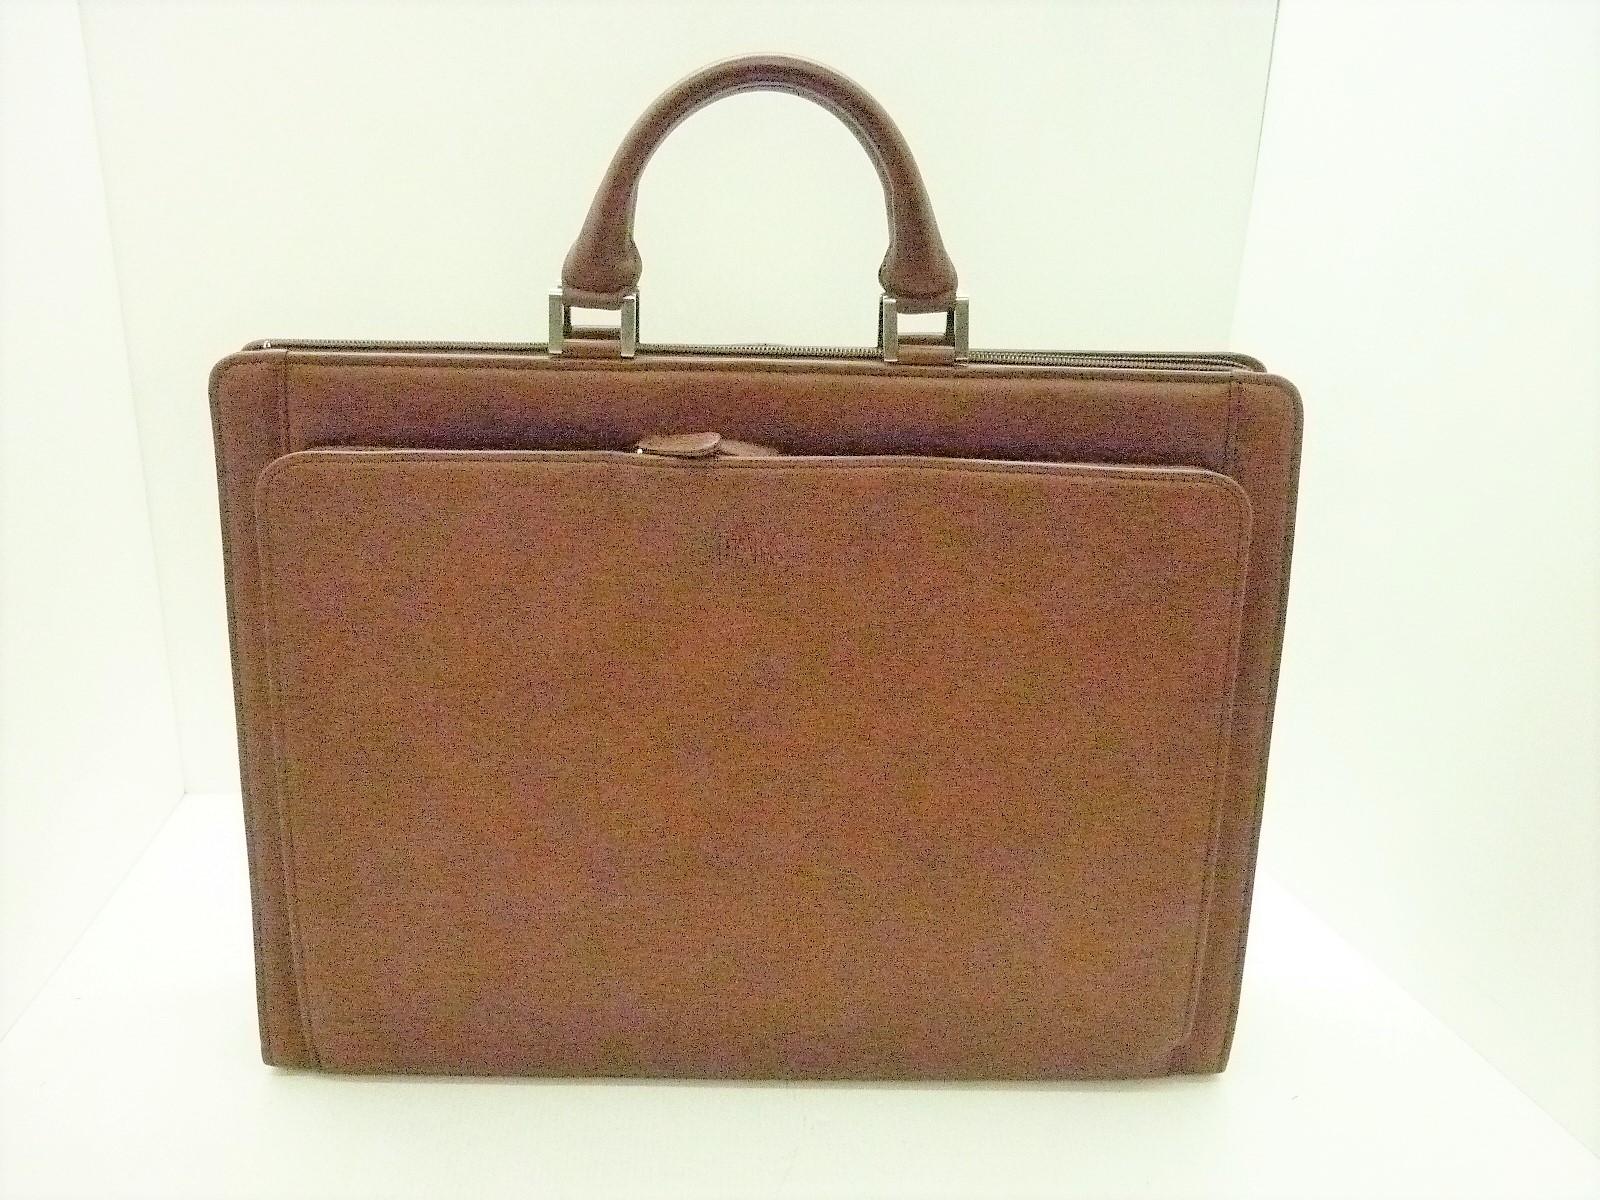 値下げしました DAKS LONDON レザーブリーフケース ブラウン ビジネスバッグ Made in Japan 箱あり